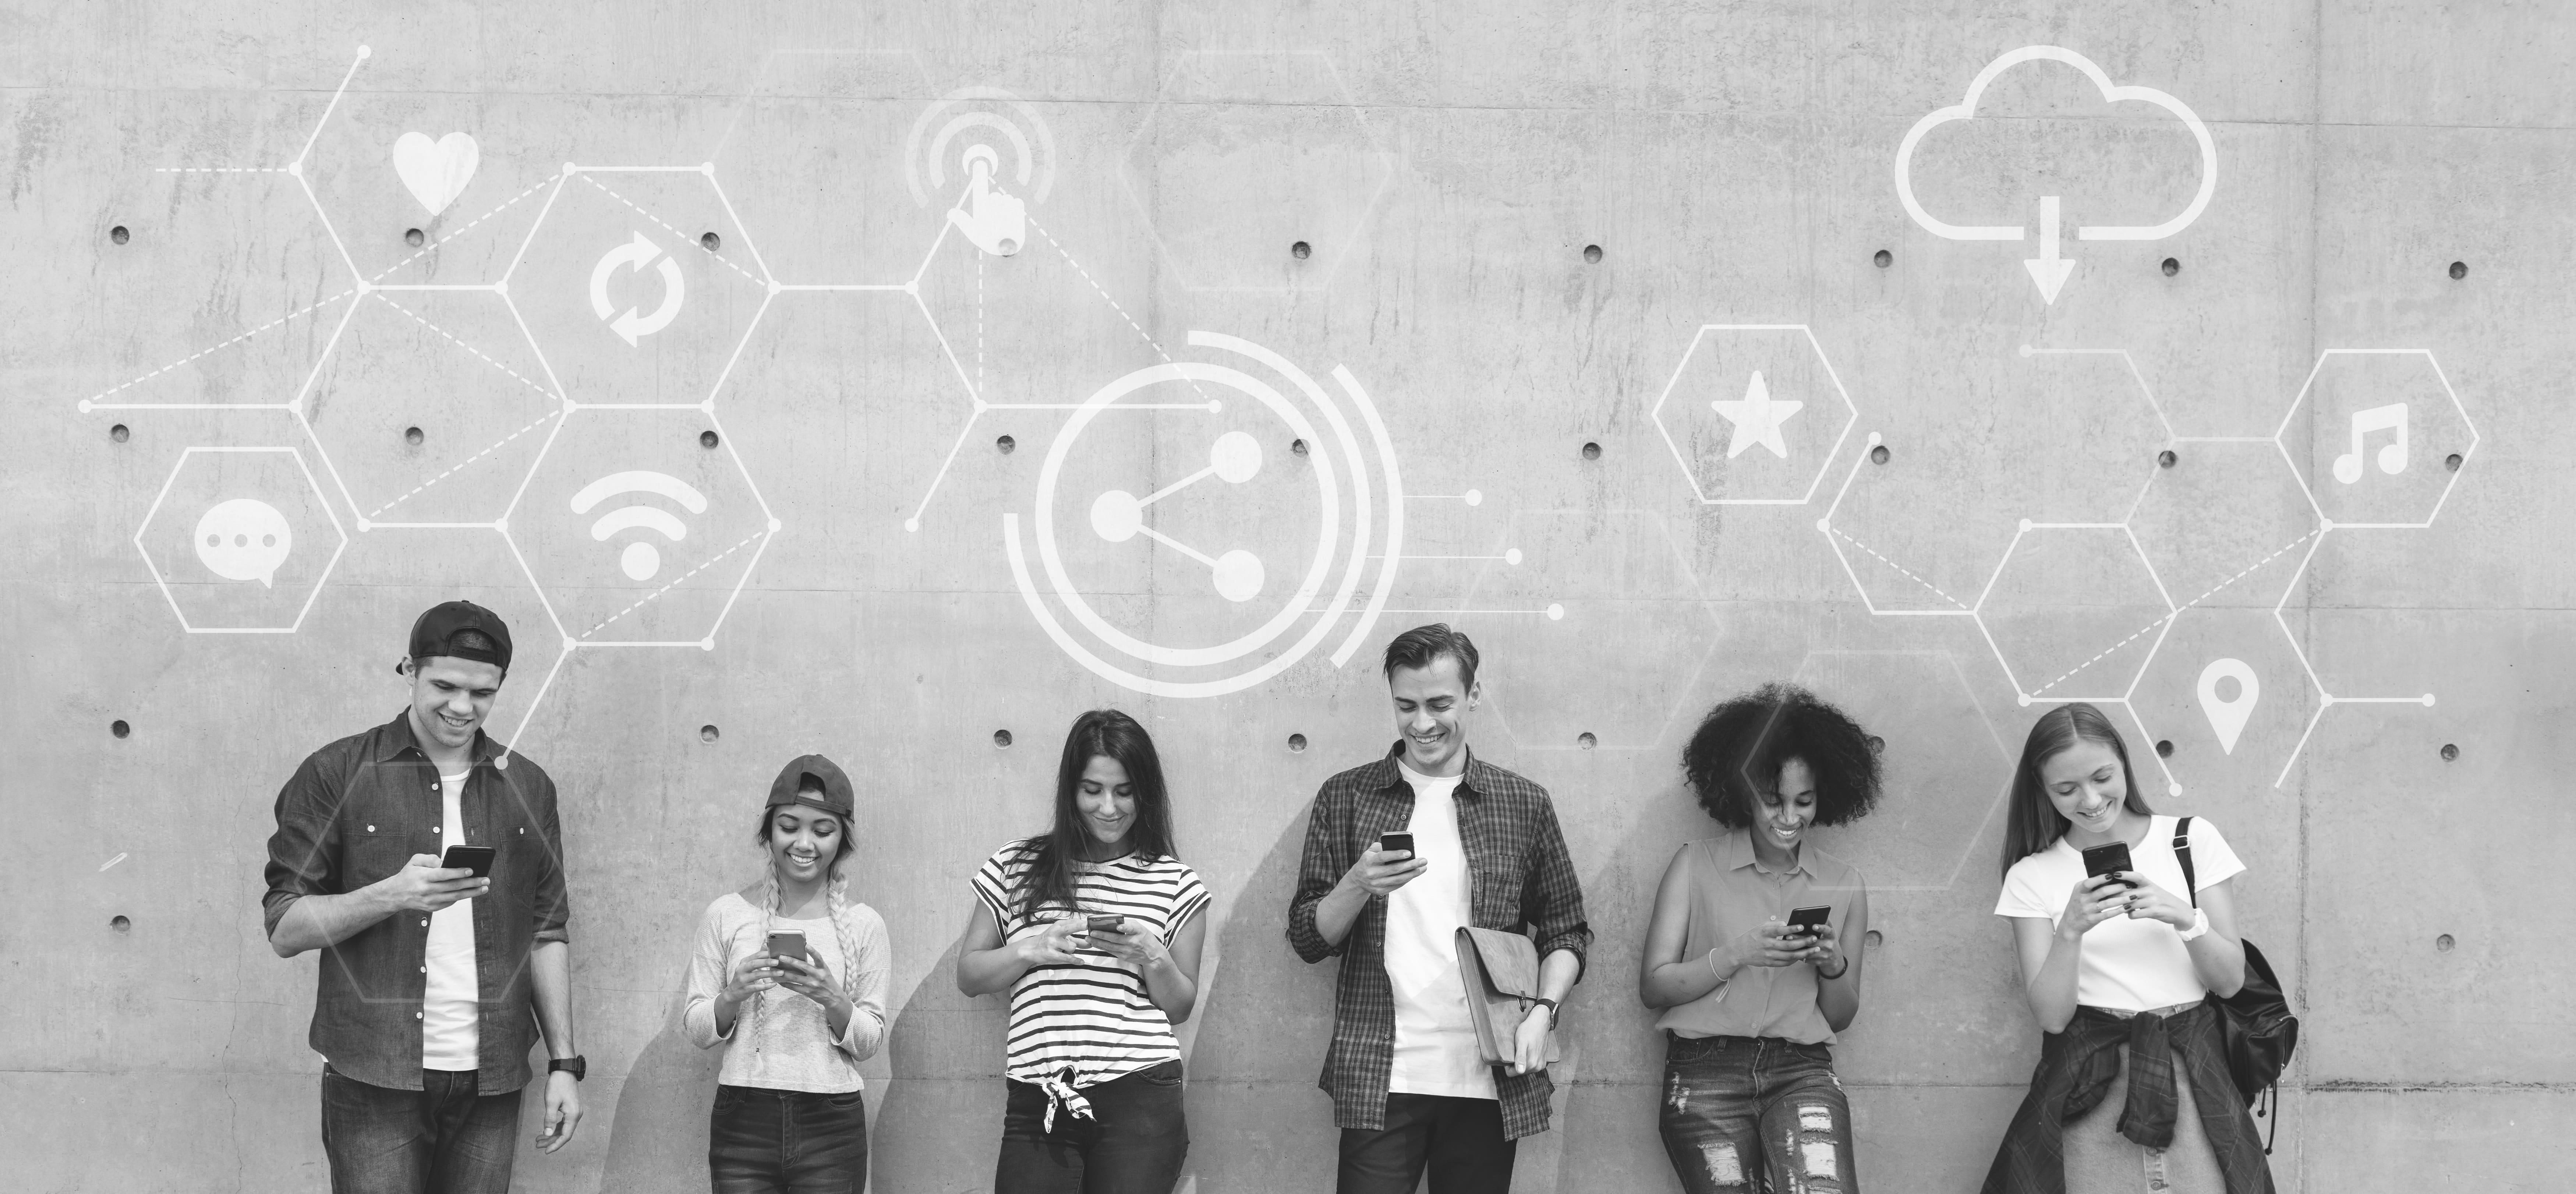 Verkoop van producten via sociale media. Hoe ben je een voorloper in deze beweging?